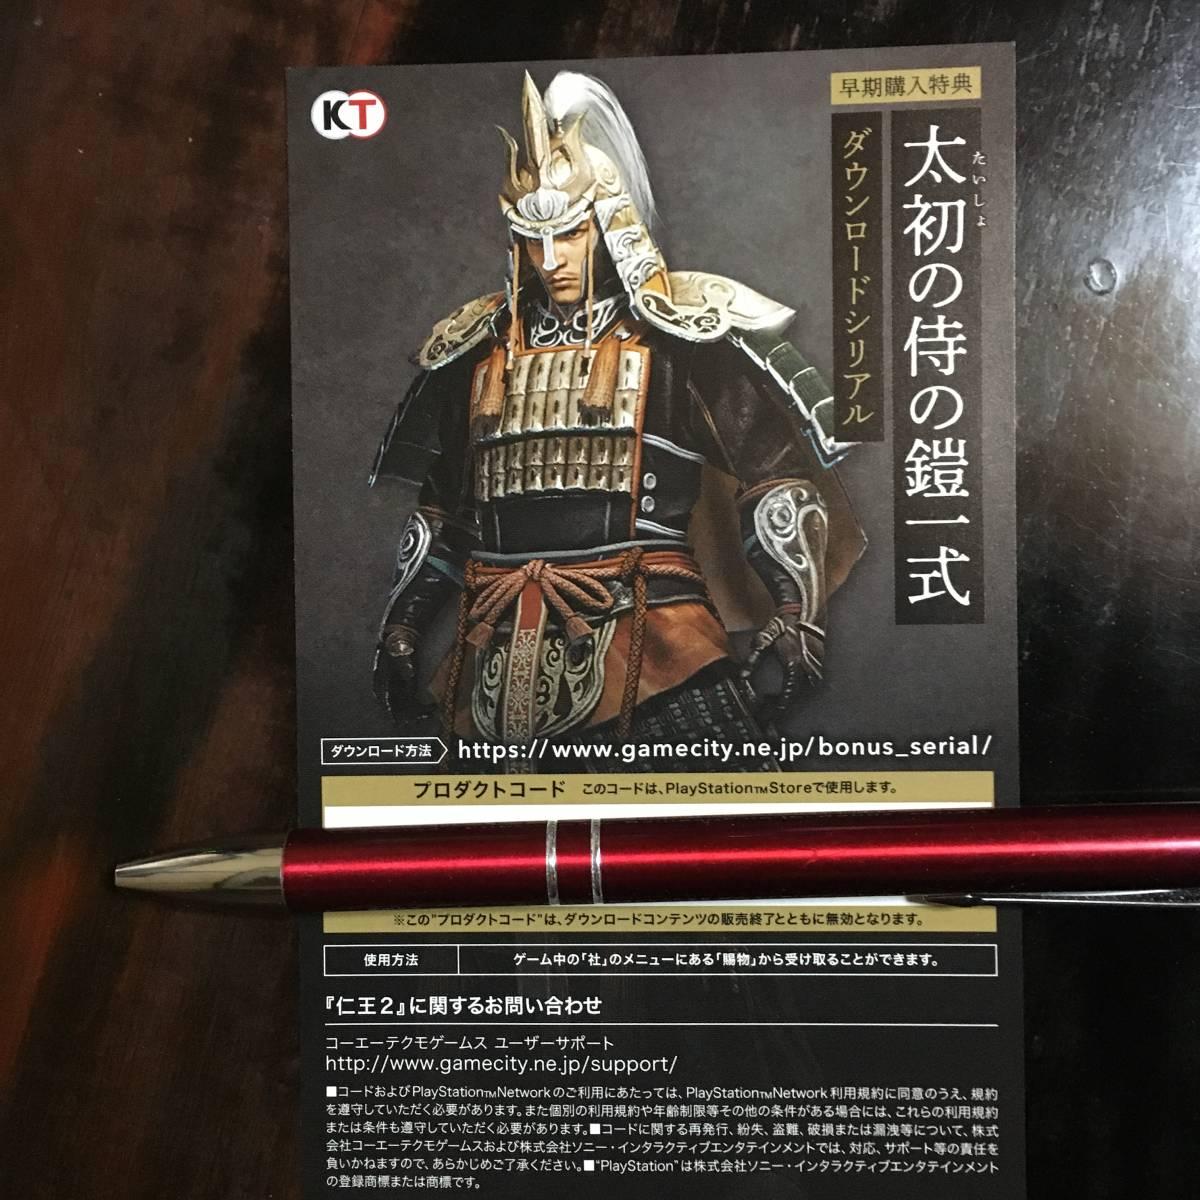 プロダクト 仁王 コード 2